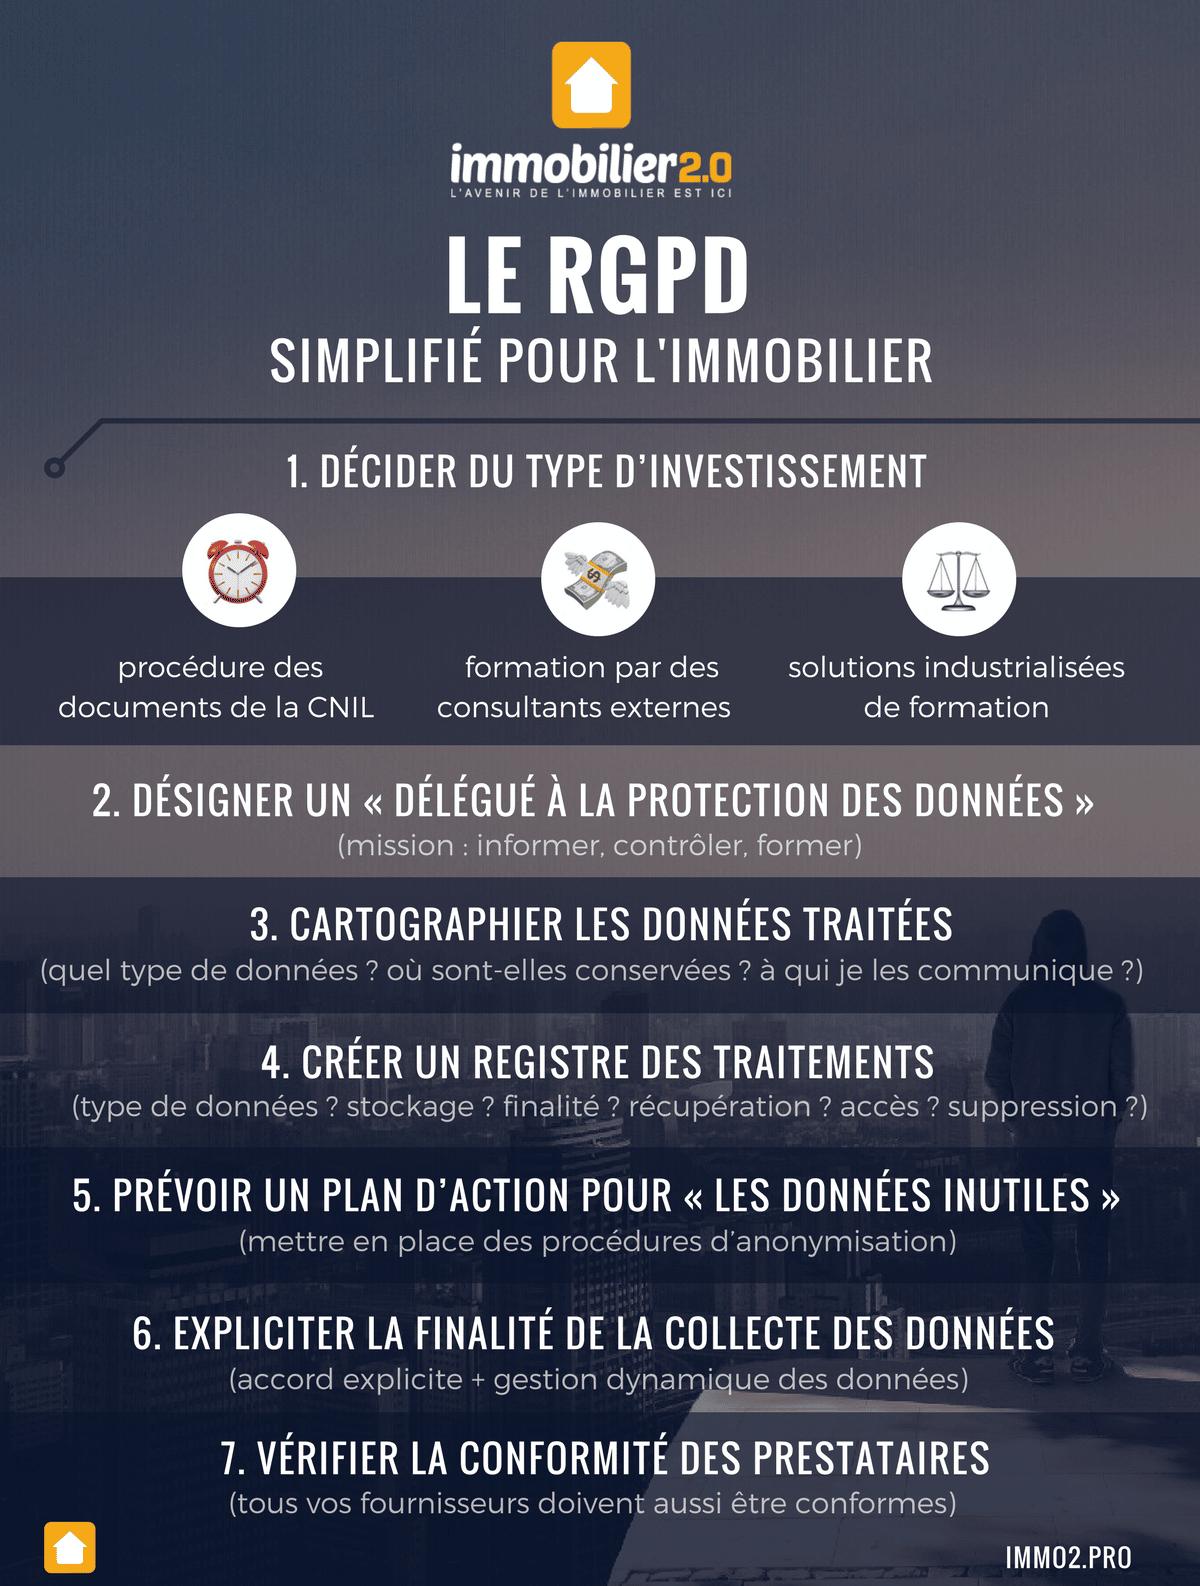 RGPD immobilier : l'infographie pour se mettre en conformité en un clin d'œil